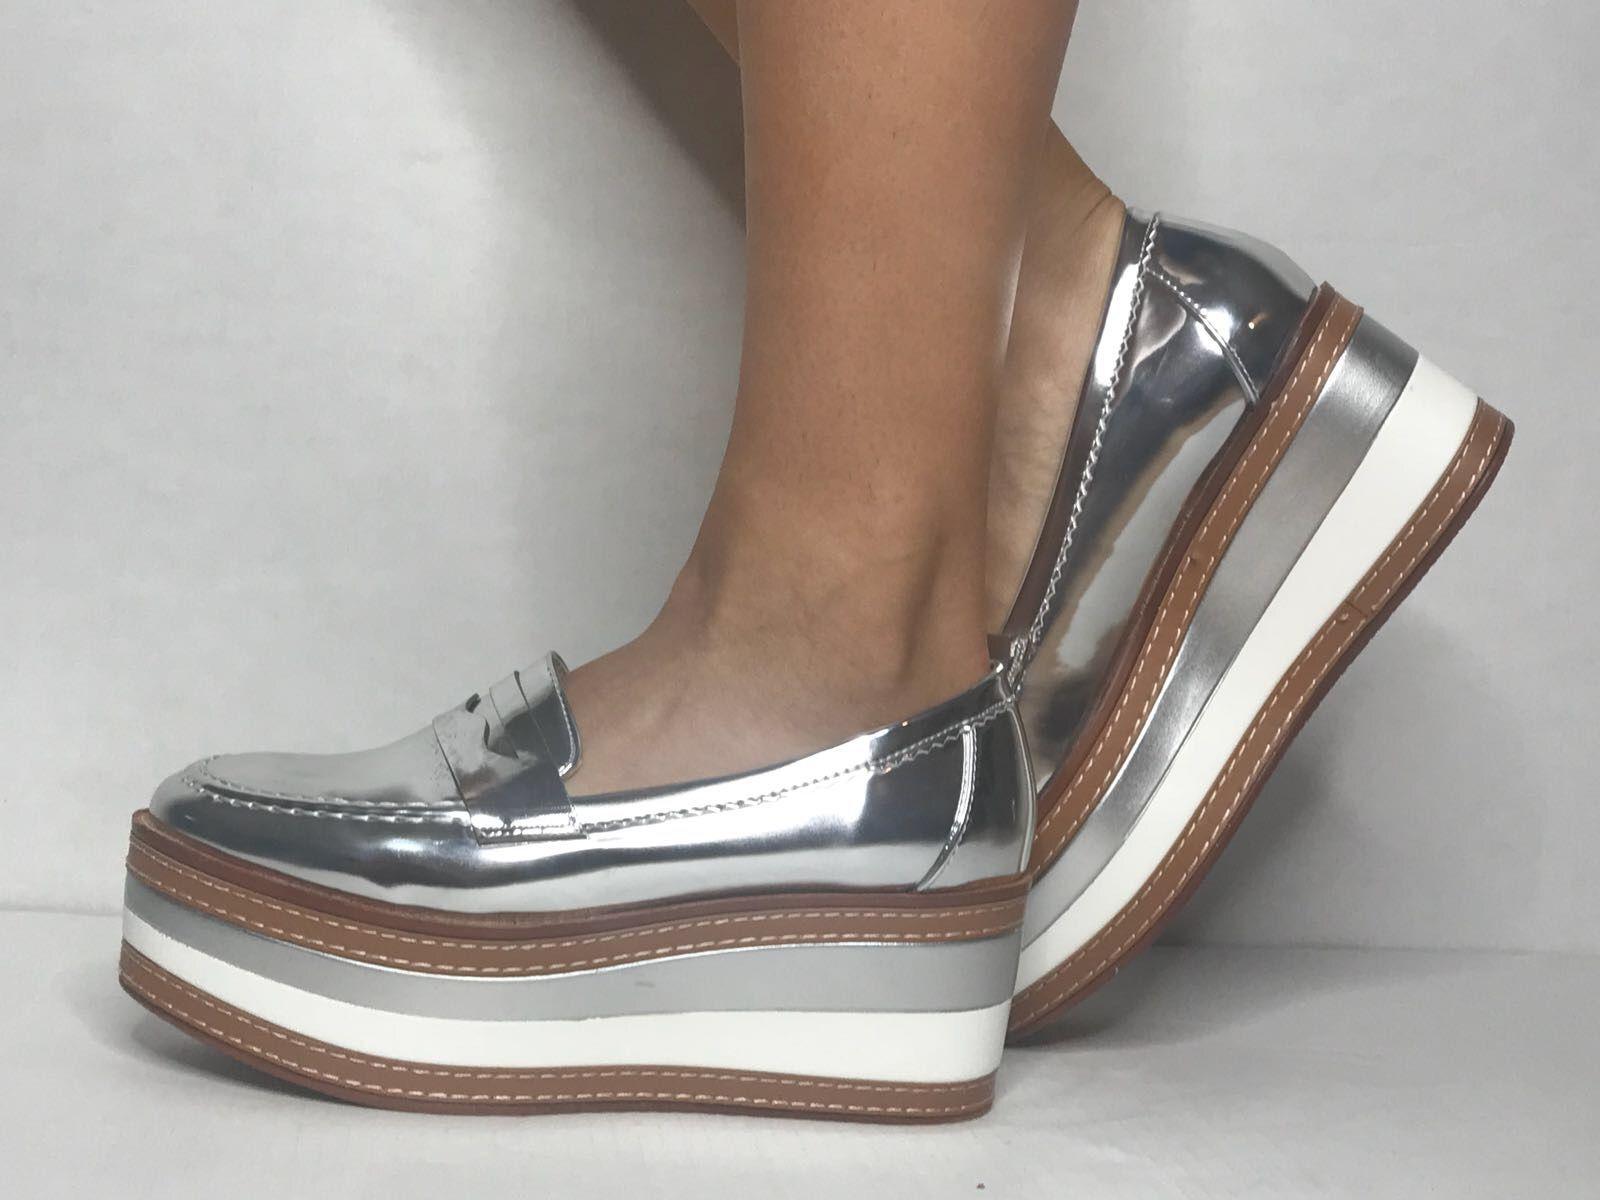 997fd3e12 Sapatos, Sapatos De Plataforma, Alpercatas, Meias Acima Dos Joelhos